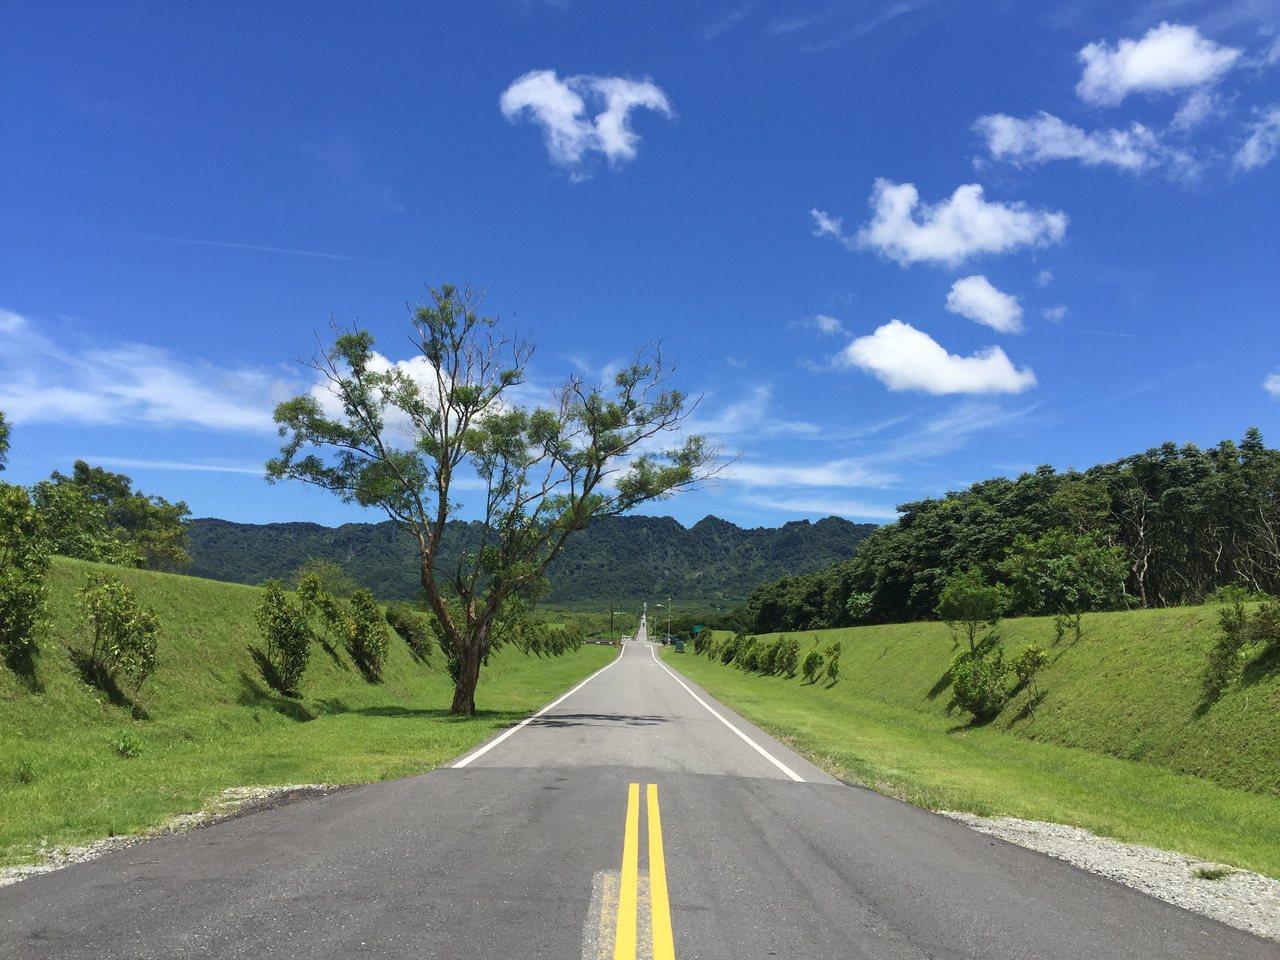 大農大富平地森林園區入口處就是一條筆直道路,被譽為「花蓮伯朗大道」。 圖/花蓮林...